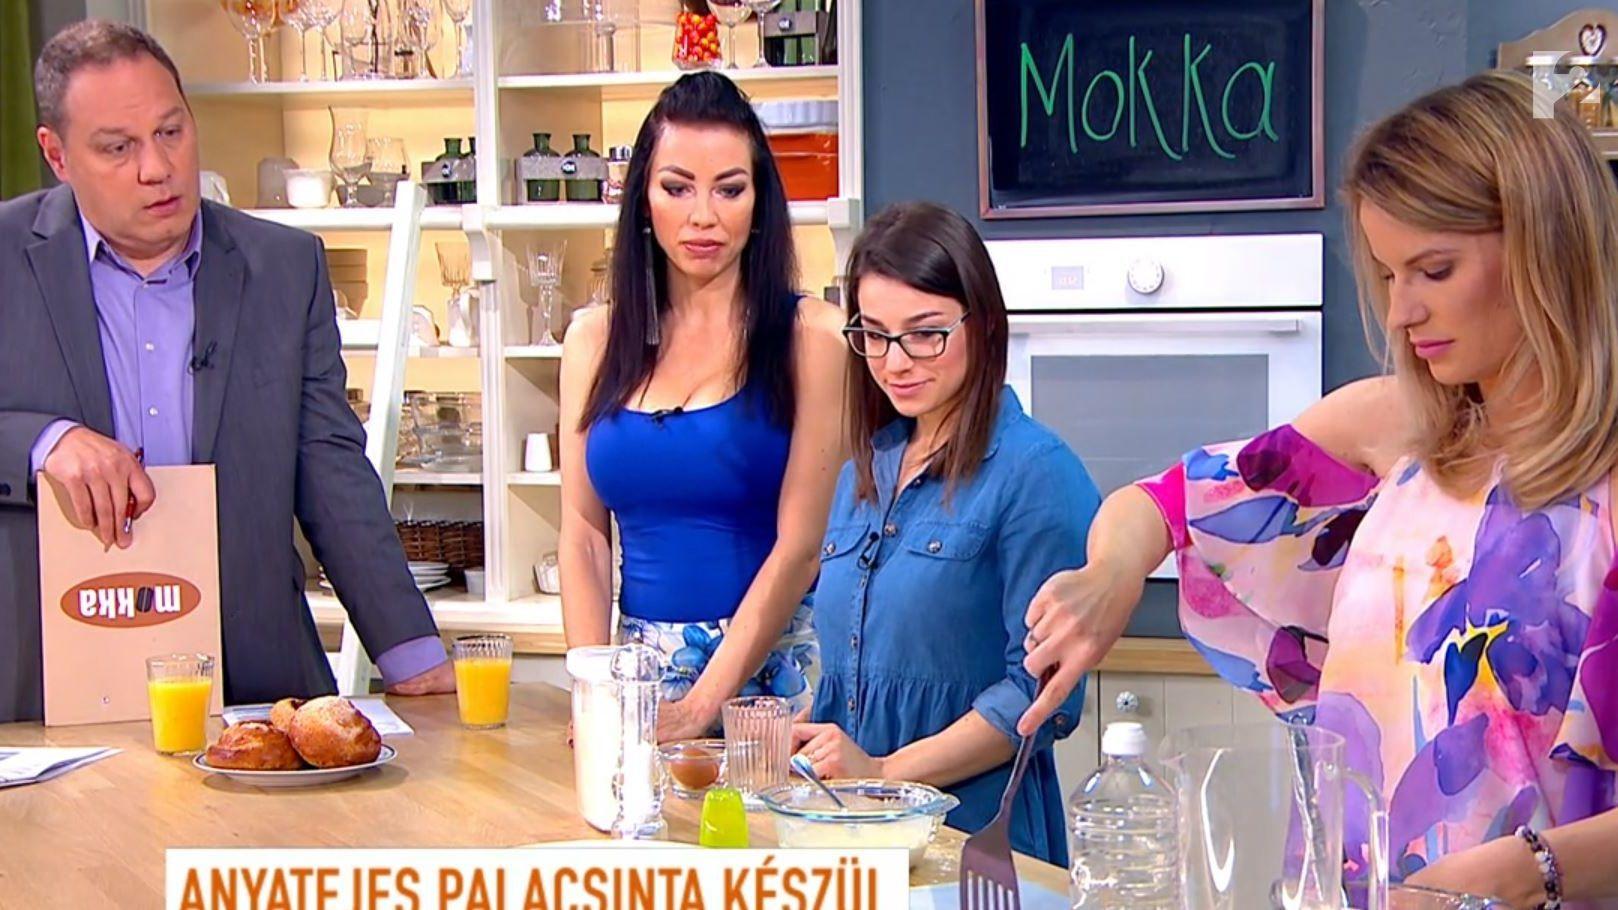 vodka gyógyítja a pikkelysömör kezelés a pikkelysömör első jeleinél